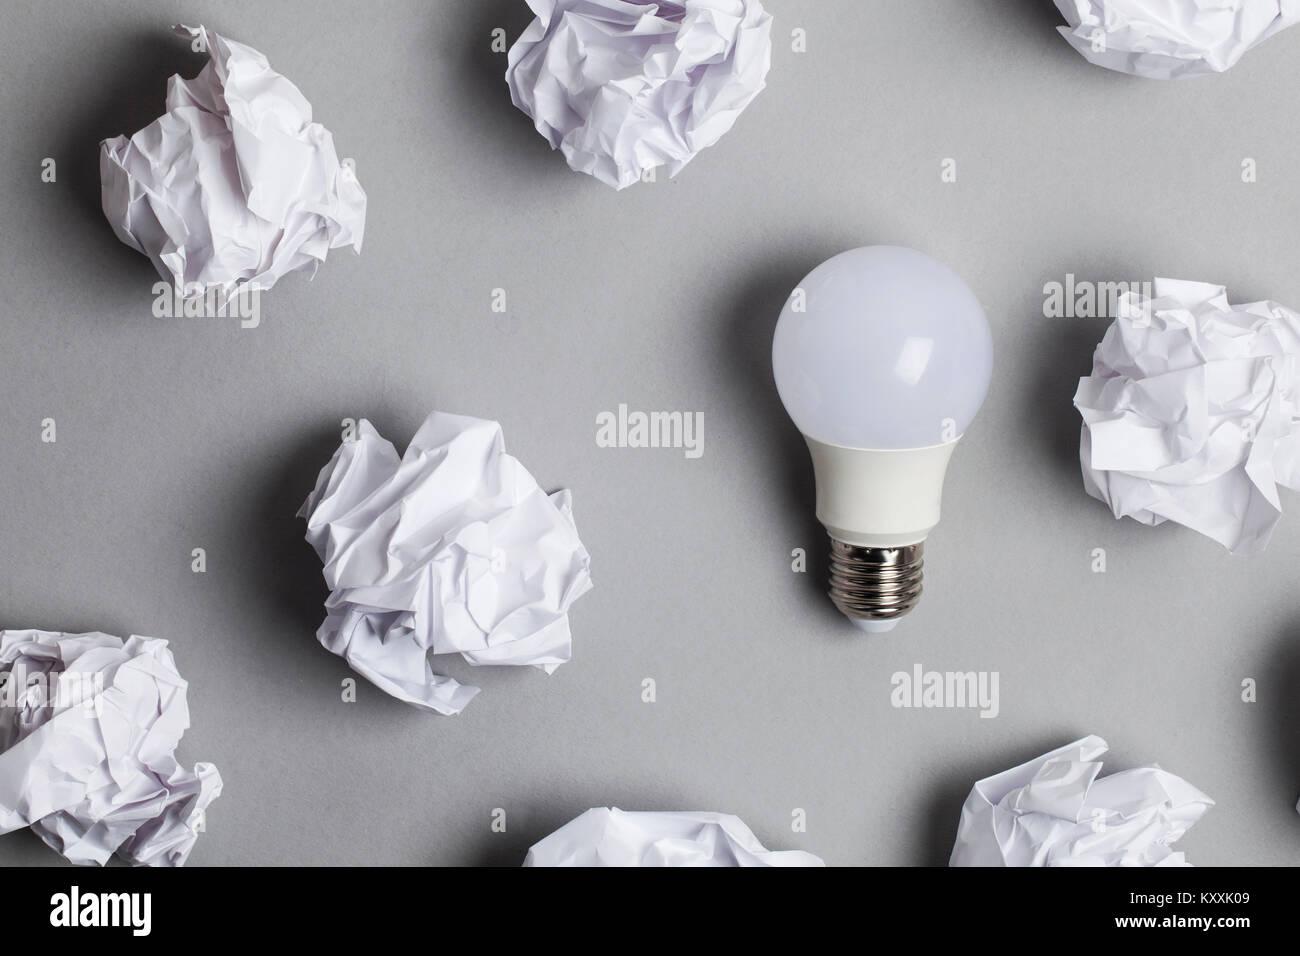 La inspiración y la imaginación concepto. bombilla blanca con documentos de papel arrugado Imagen De Stock